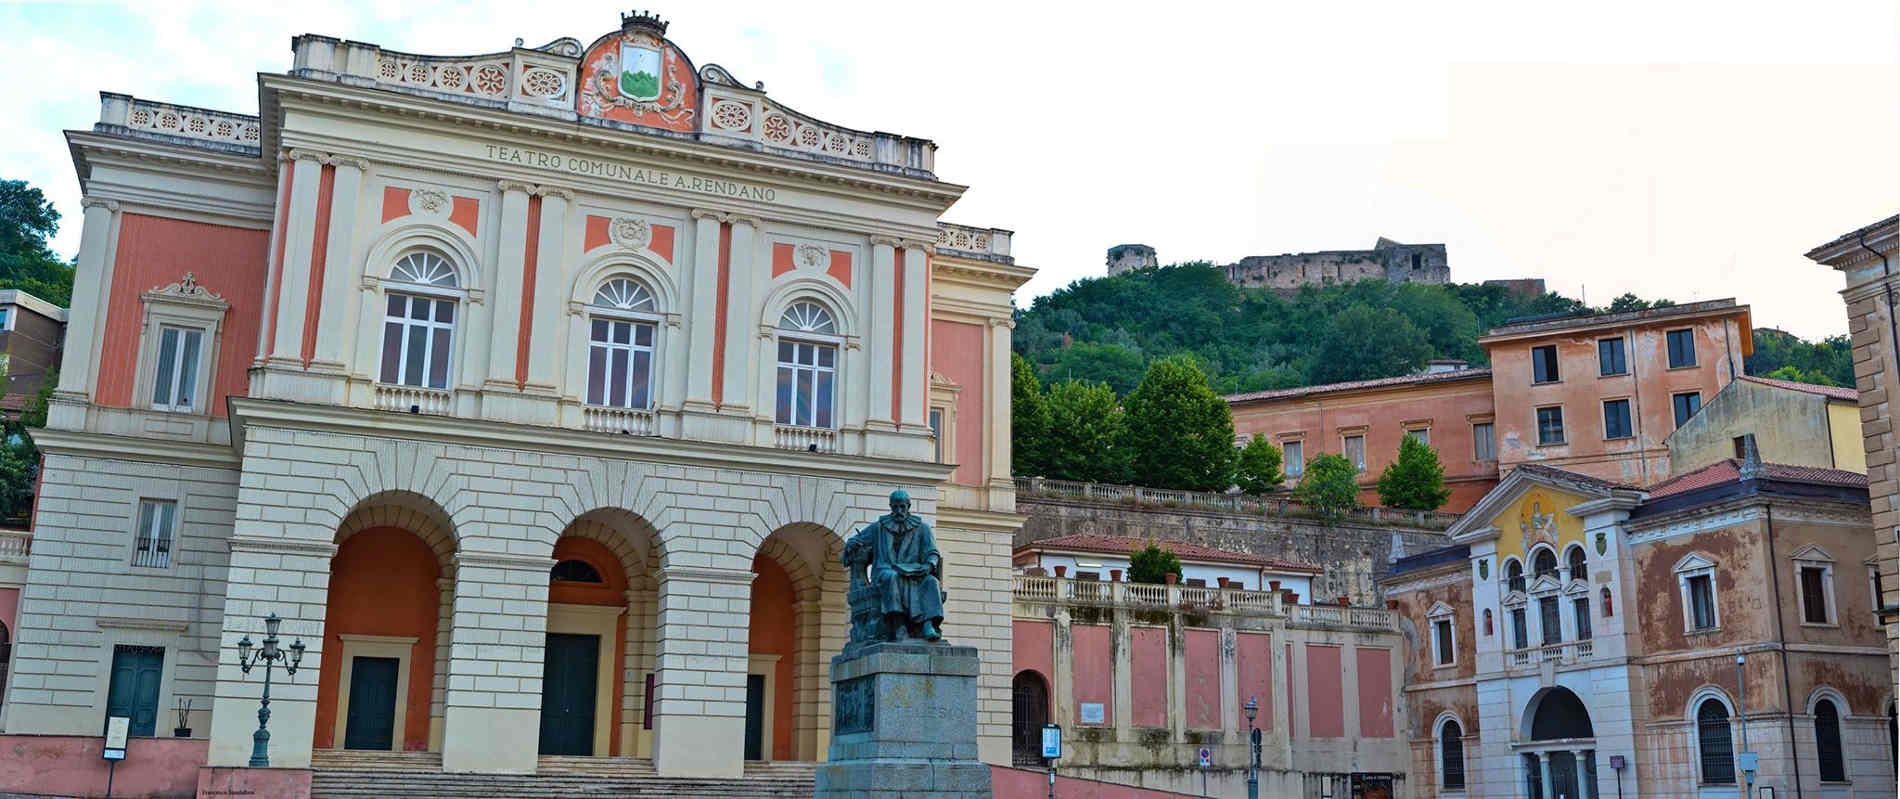 Cosa vedere nel centro storico di Cosenza Piazza XV Marzo 1844